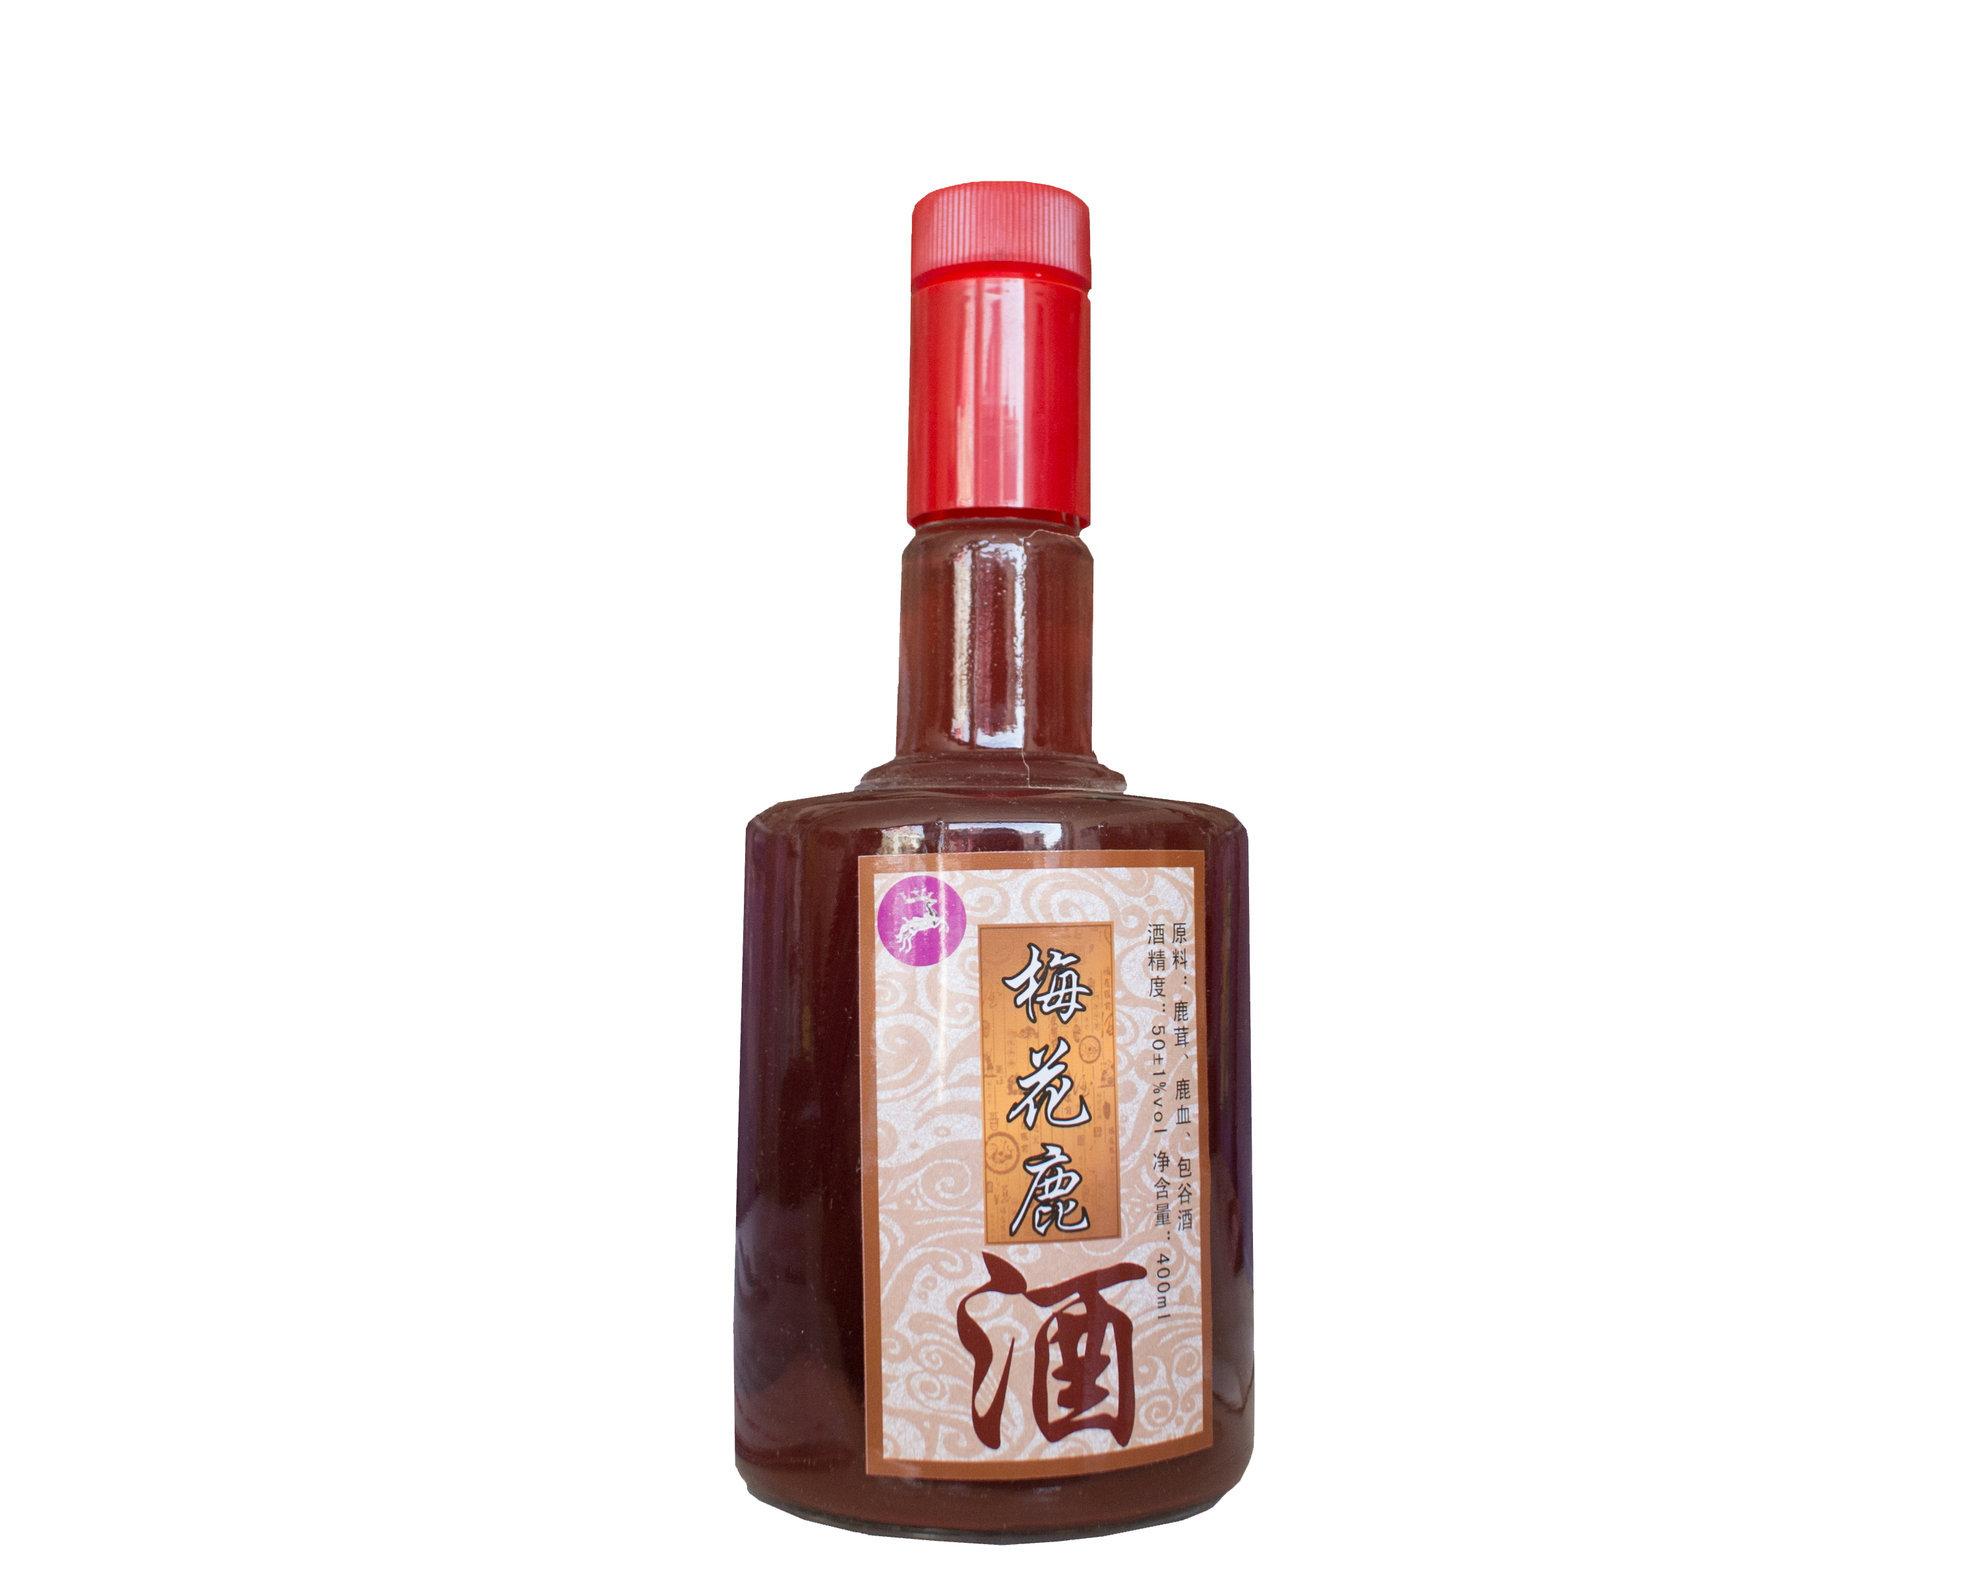 Pilose Antler, syrup